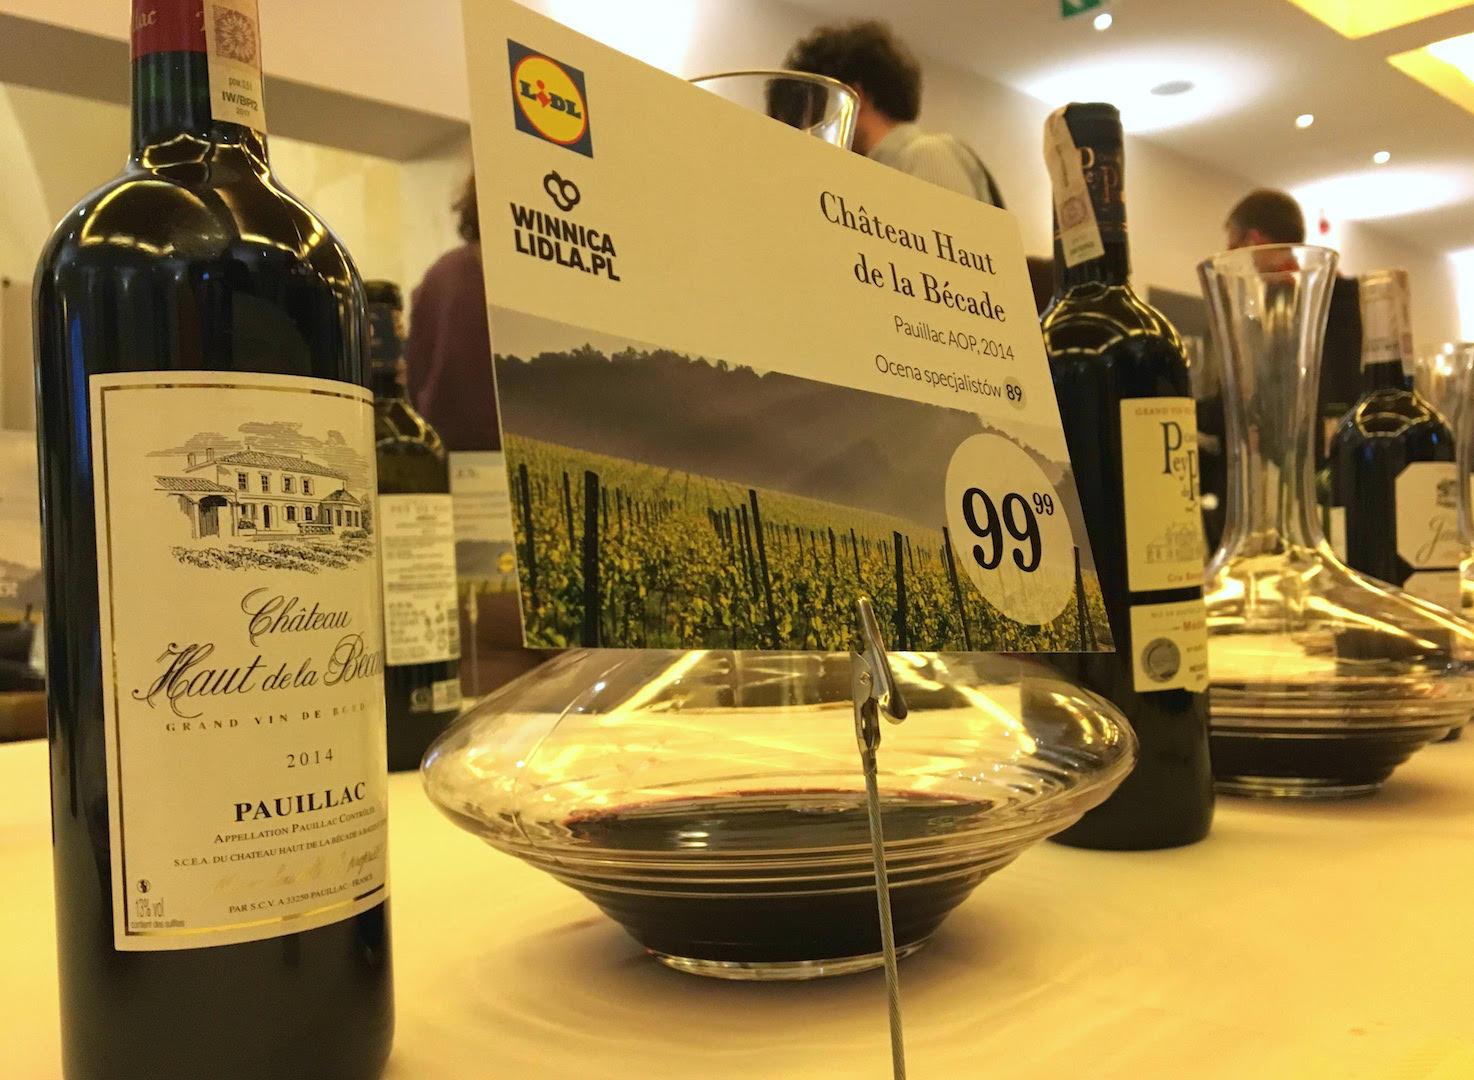 Winnica Lidla Nowe Wina Z Francji Winicjatywa